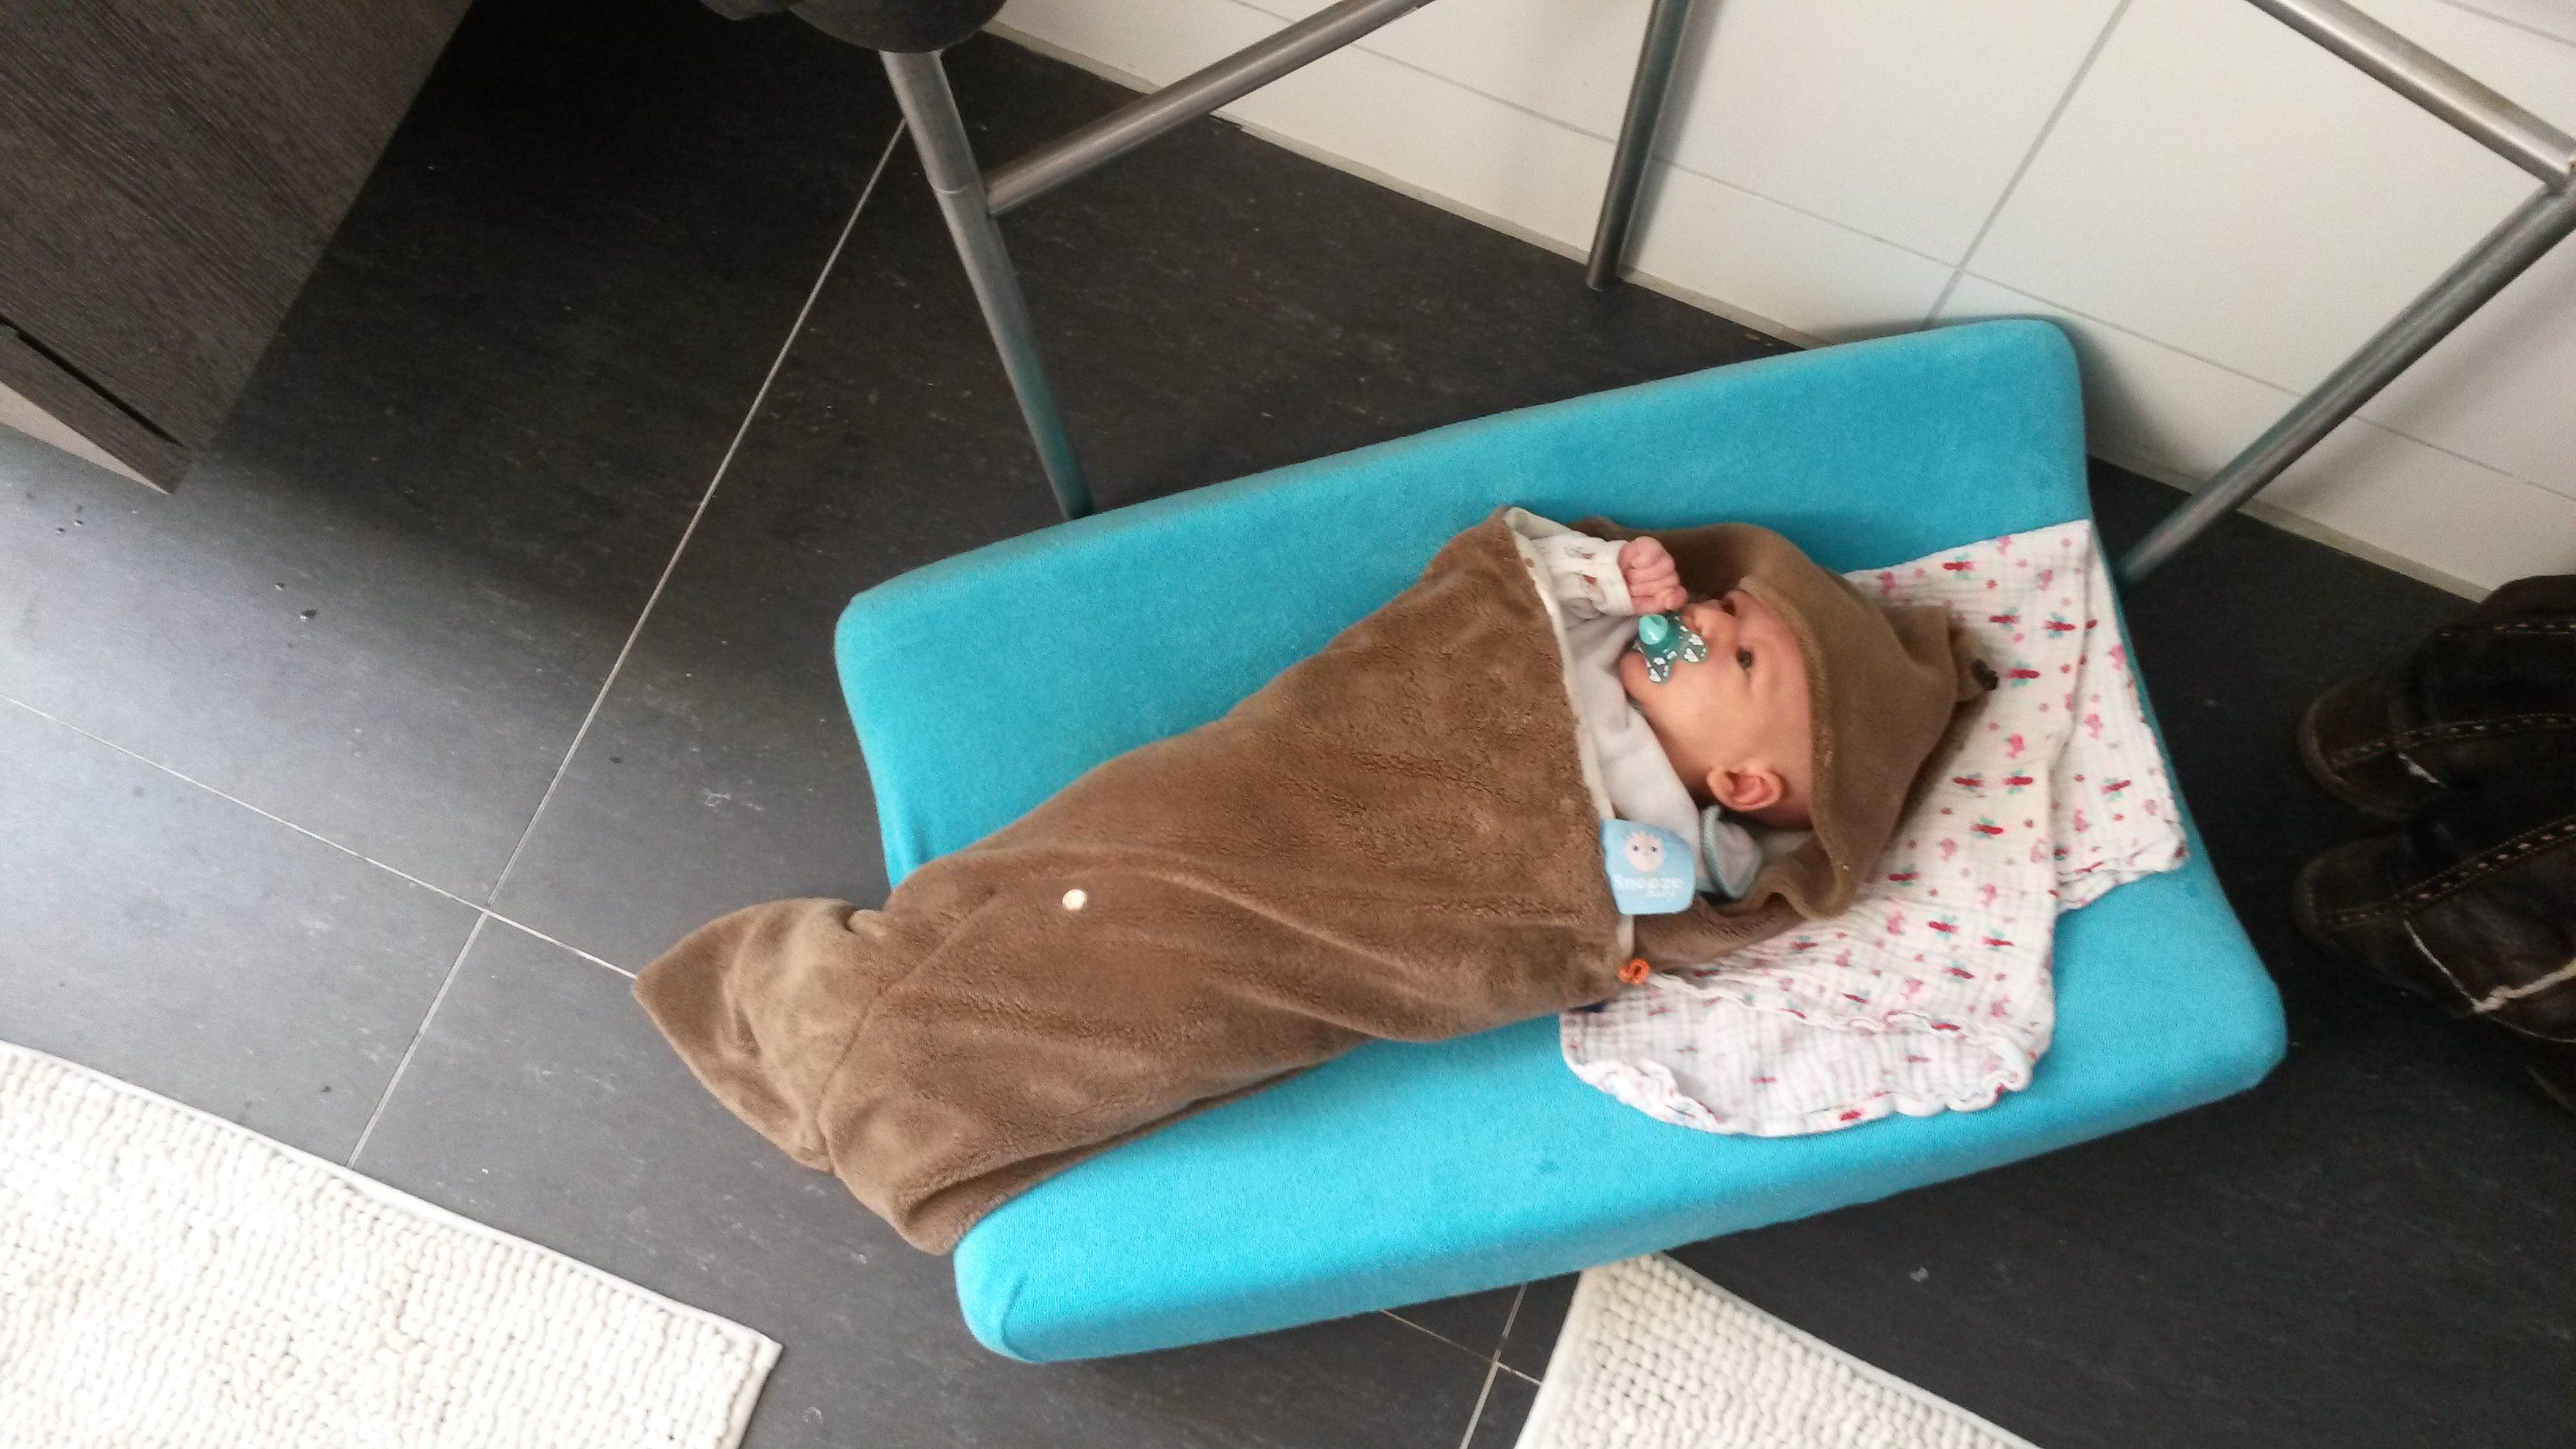 badritueel met een peuter en newborn